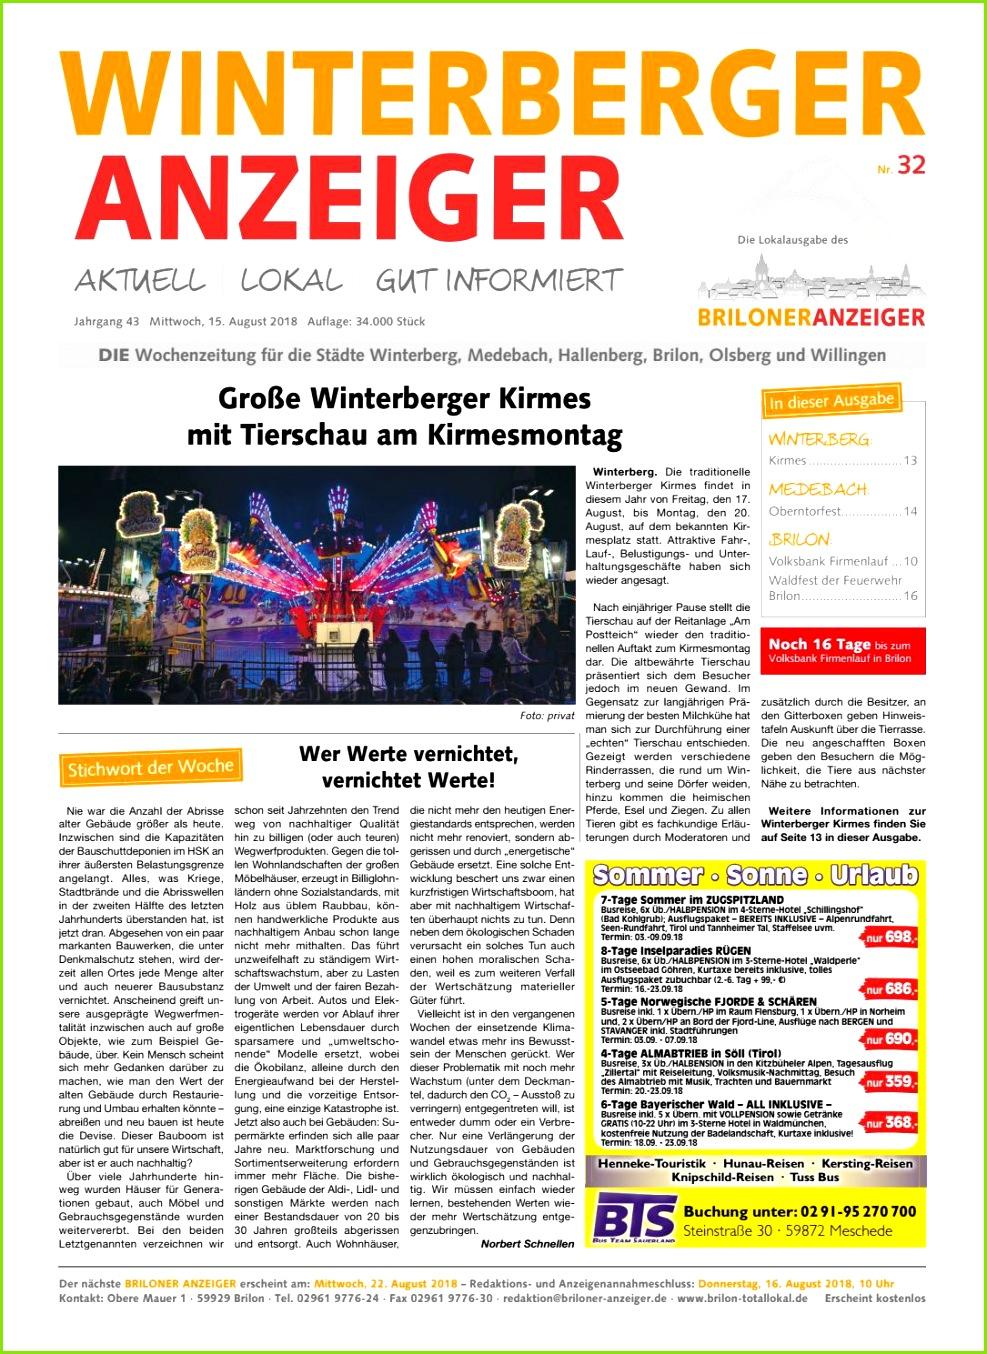 Winterberger Anzeiger Ausgabe vom 15 08 2018 Nr 32 by Brilon totallokal issuu